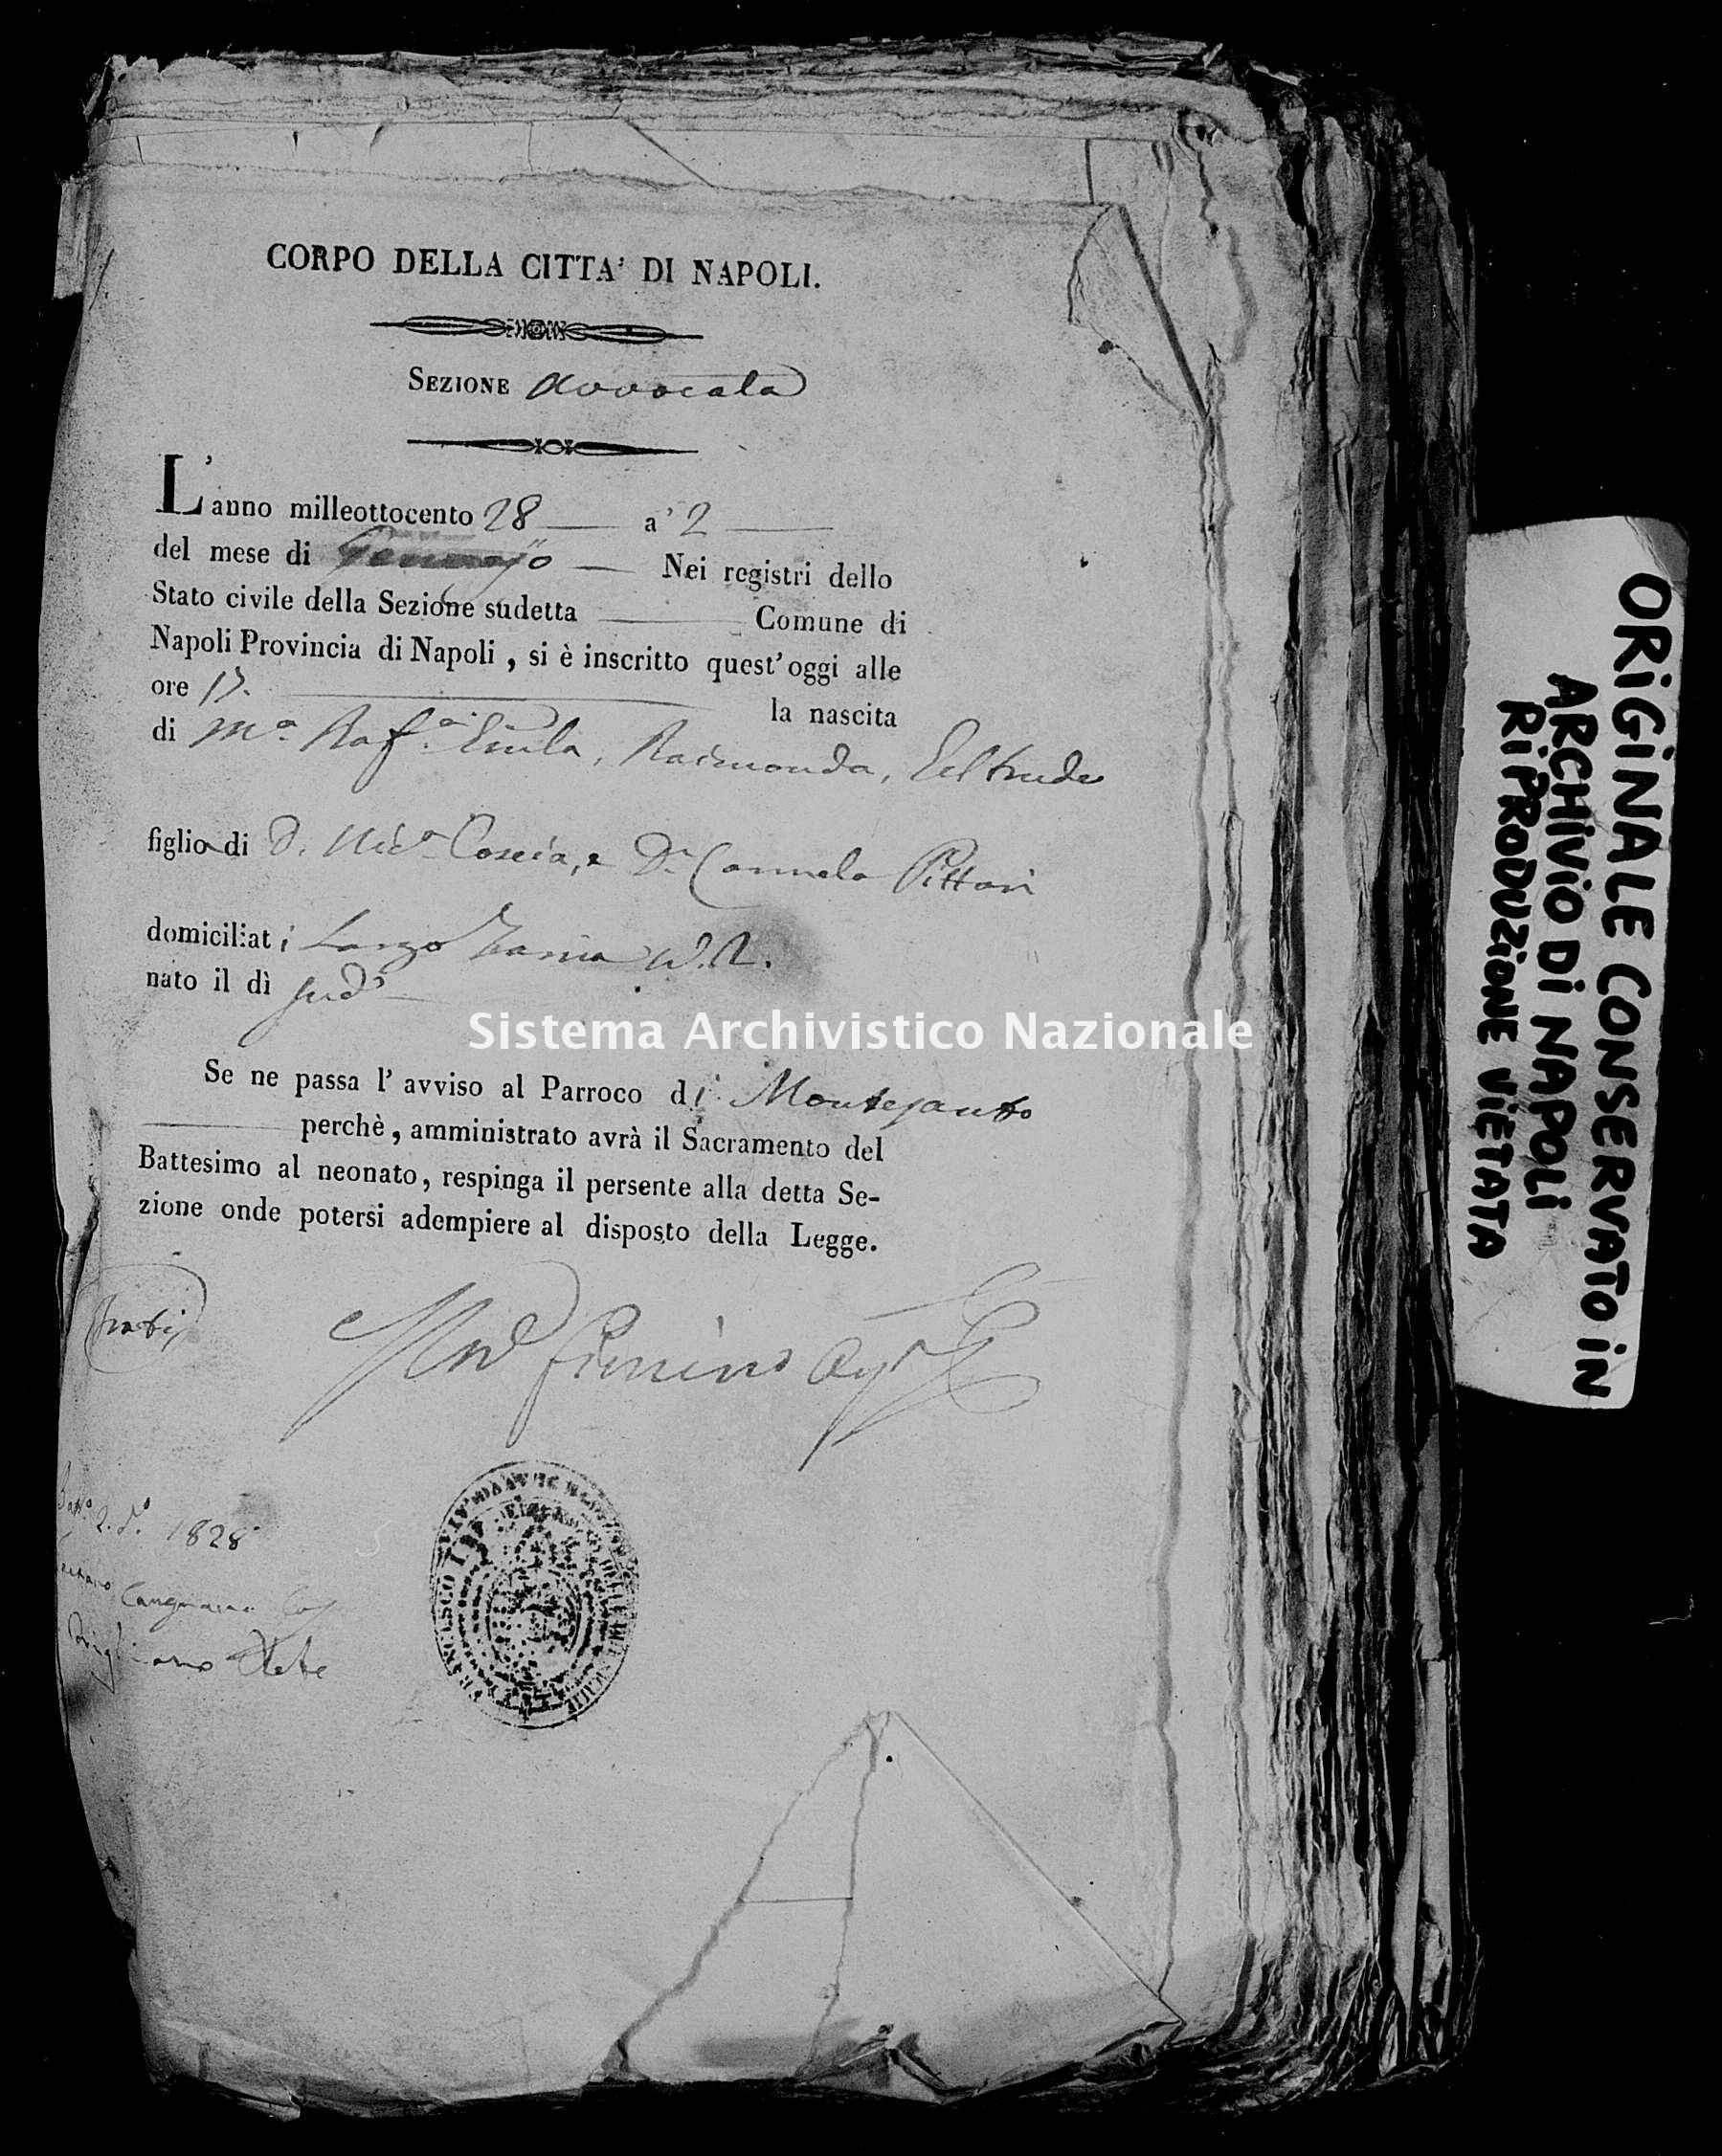 Archivio di stato di Napoli - Stato civile della restaurazione - Avvocata - Nati, battesimi - 1828 -